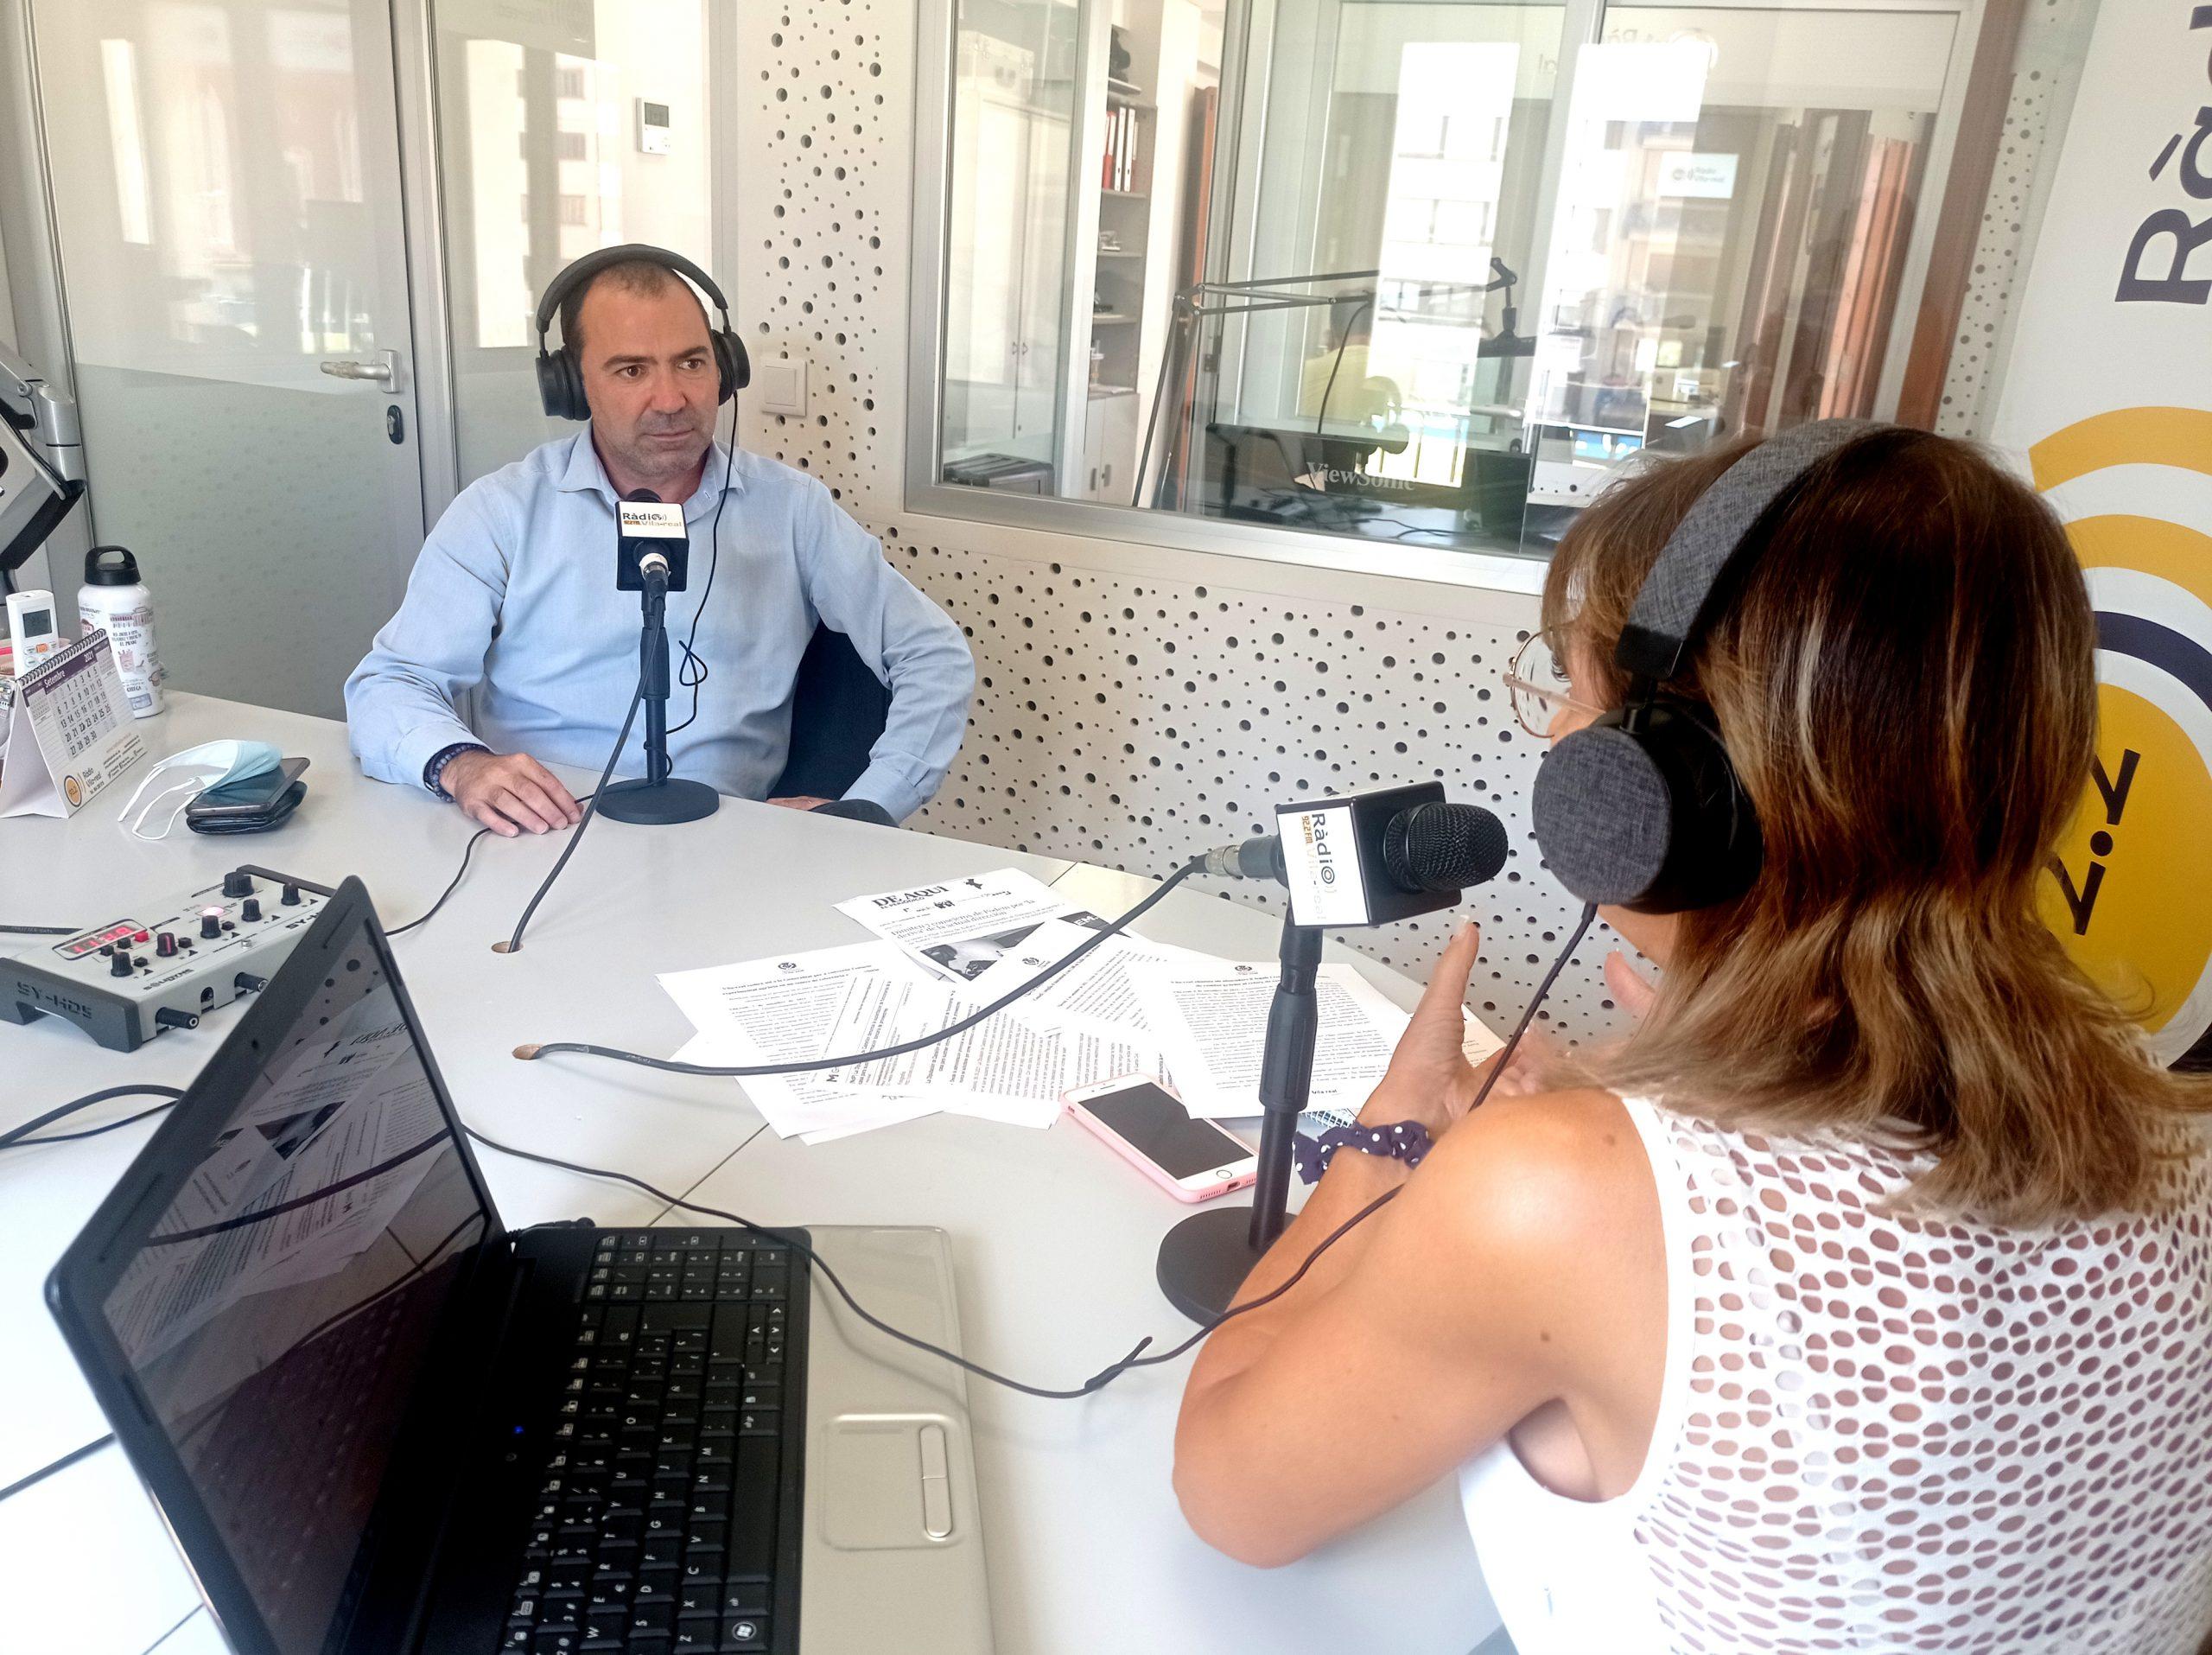 Entrevista al concejal de Promoción Económica y Servicios Públicos de Vila-real, Xus Madrigal